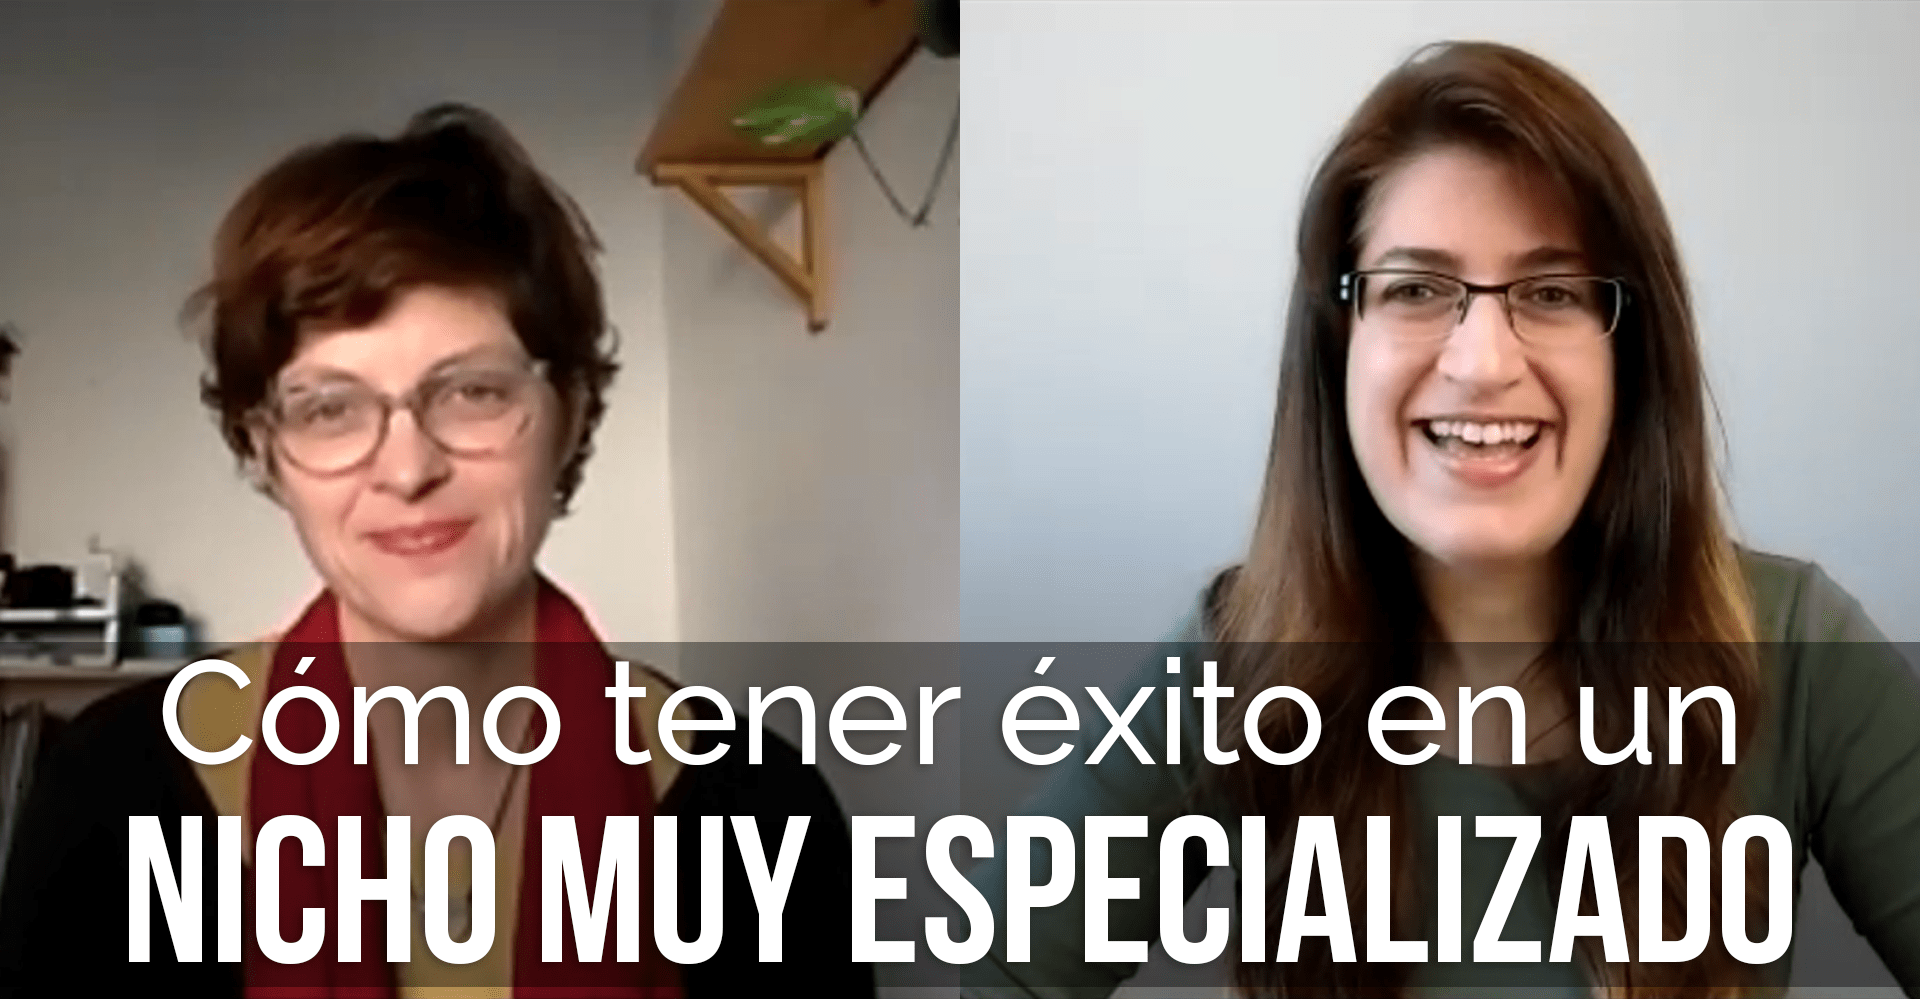 Cómo tener éxito en un nicho muy especializado - Entrevista Eva Puig